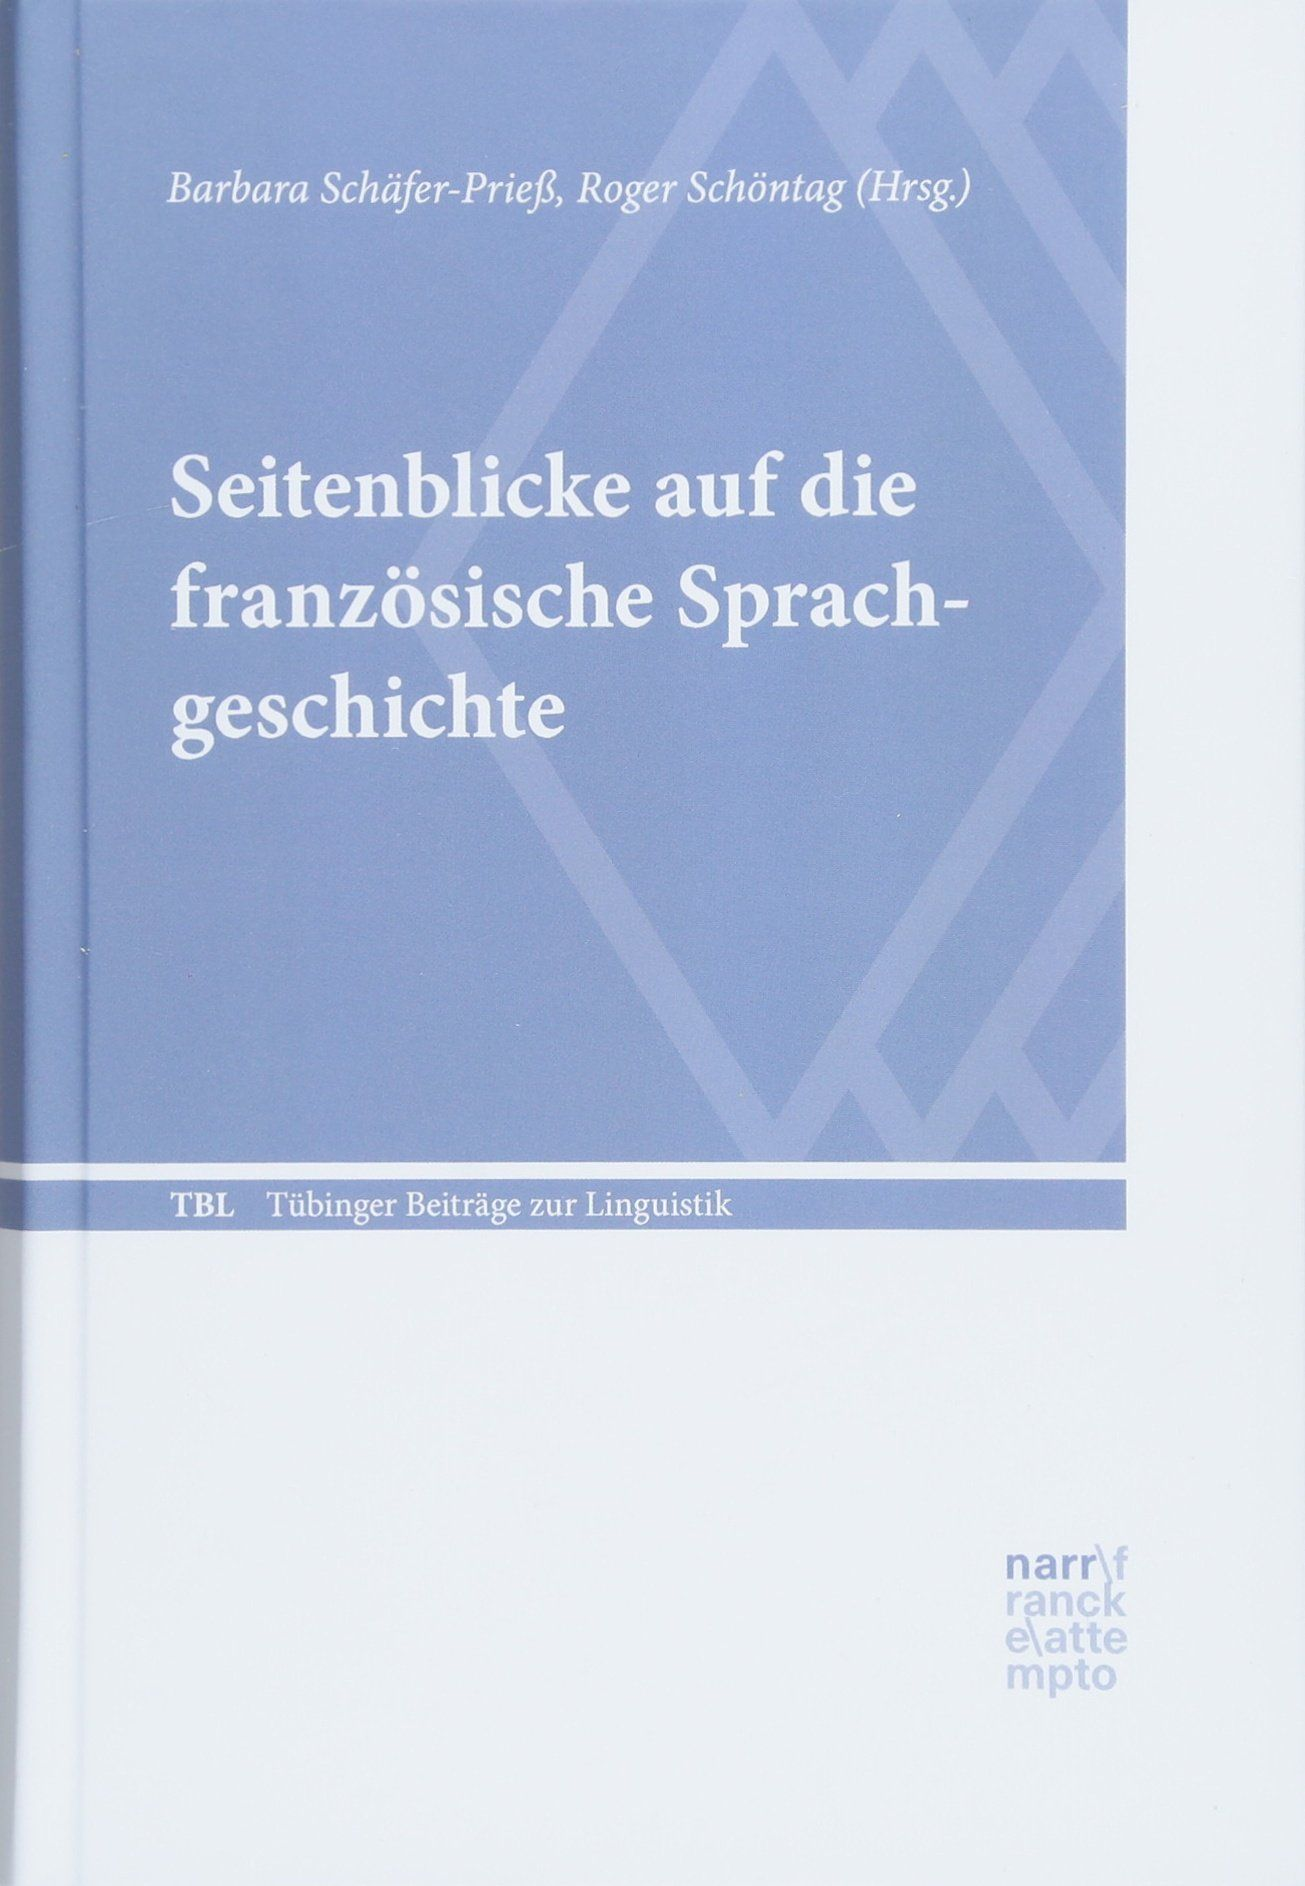 Bild von Buchcover Schöntag/Prieß, Seitenblicke auf die französische Sprachgeschichte, 2018